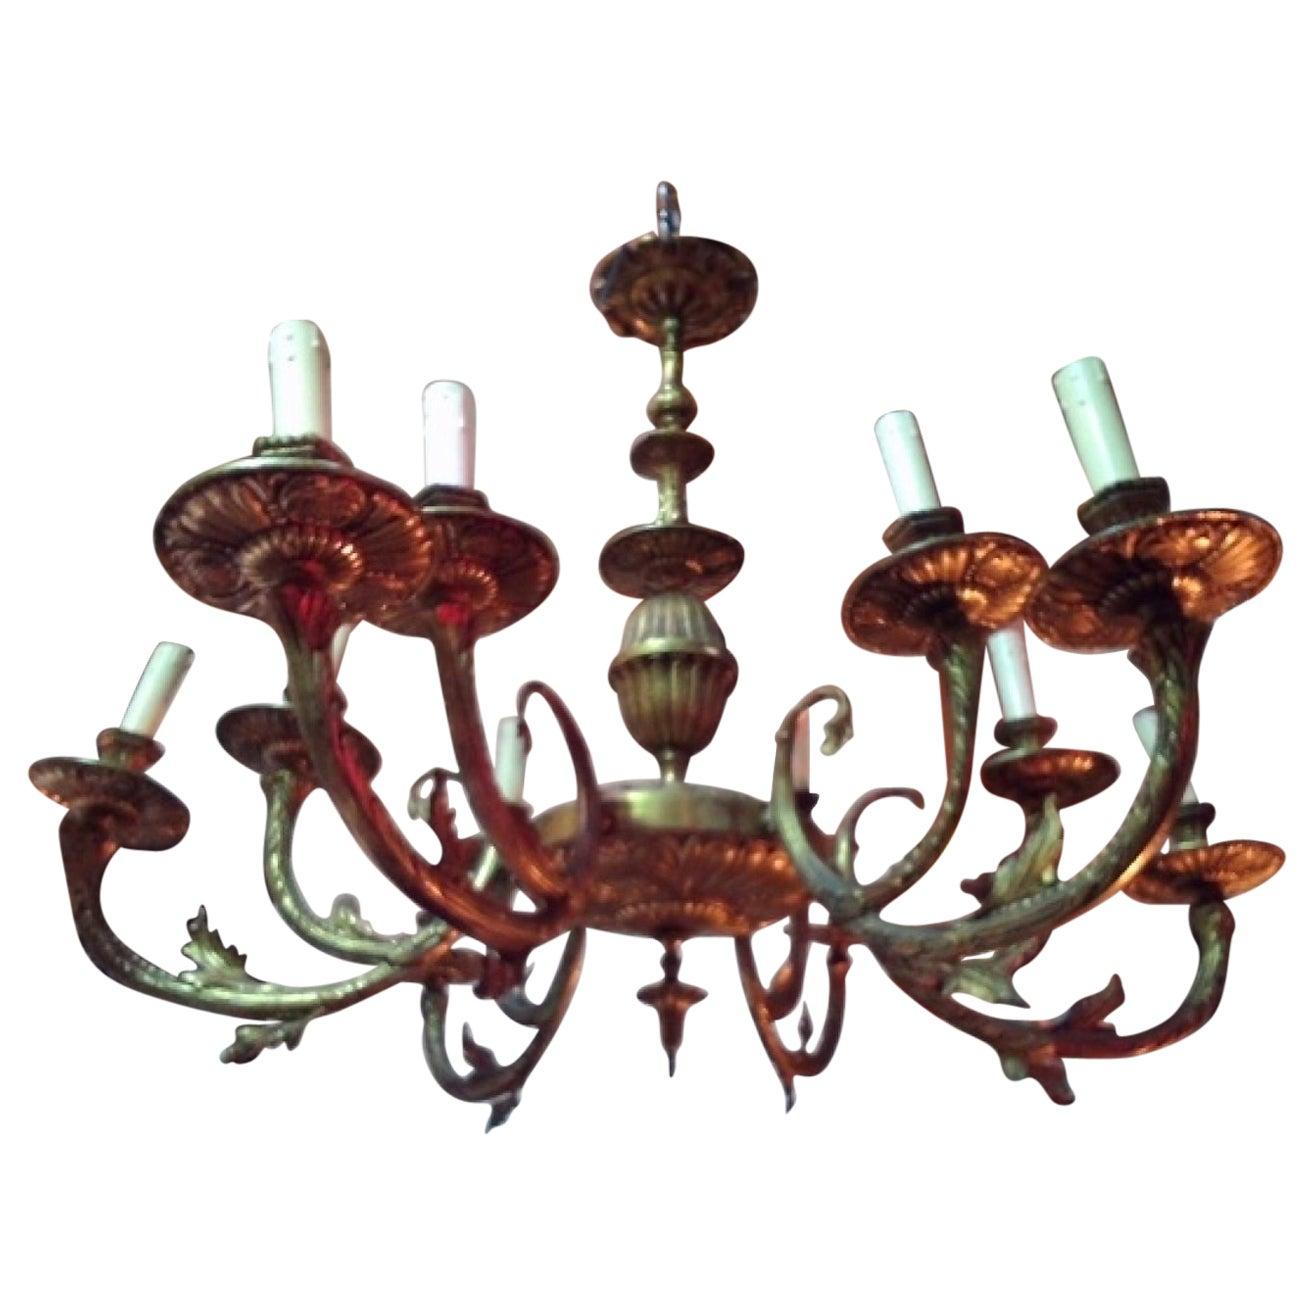 Impressive Antique Brass Chandelier, 20th Century